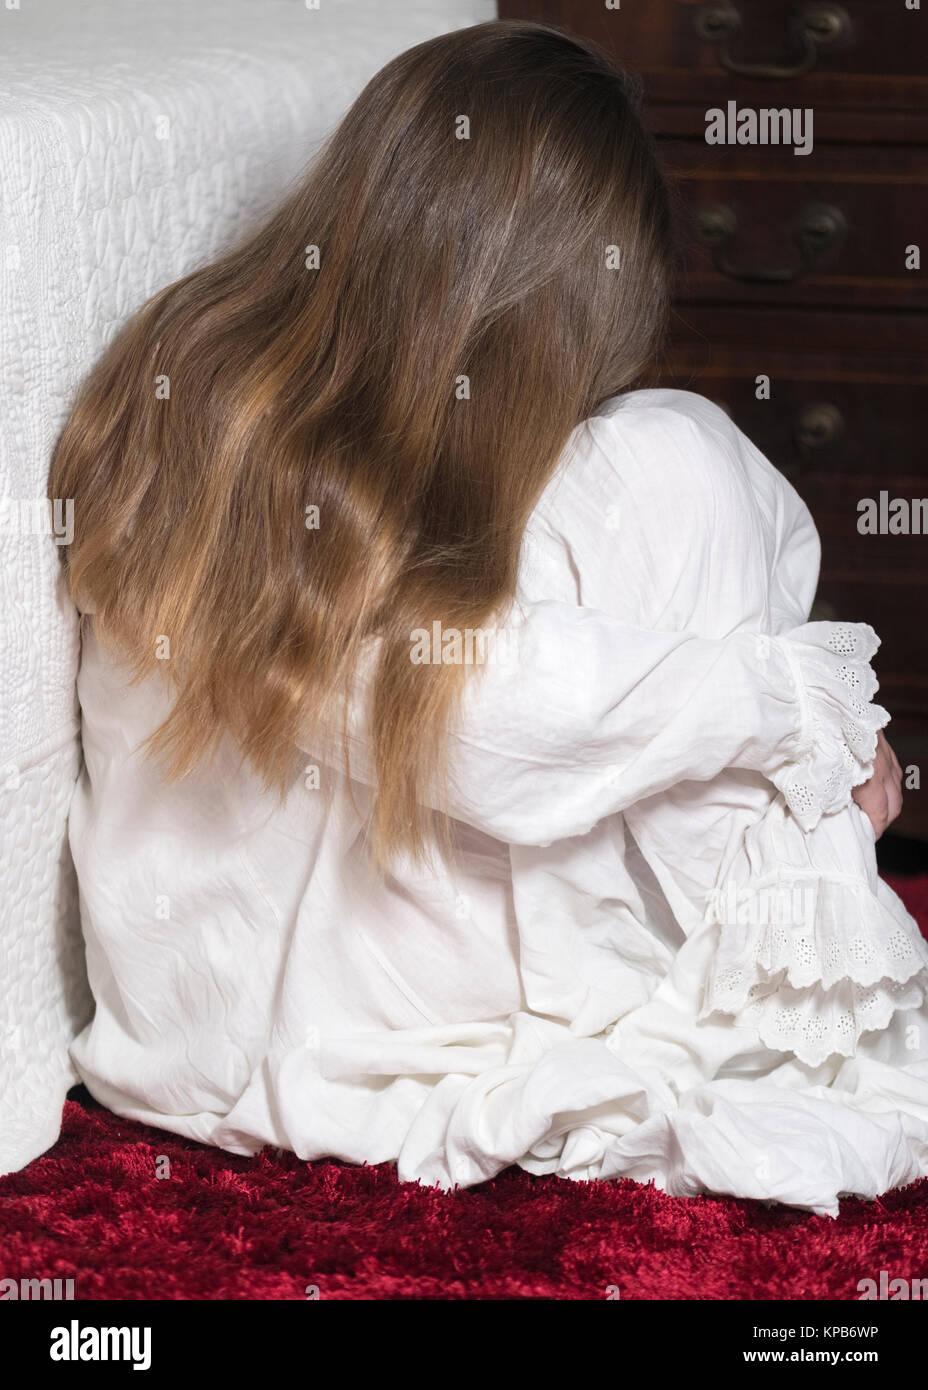 Bild vertikal auf die gesellschaftlichen Probleme von Kindesmissbrauch, Junge unkenntlich Mädchen ist eine Stockbild